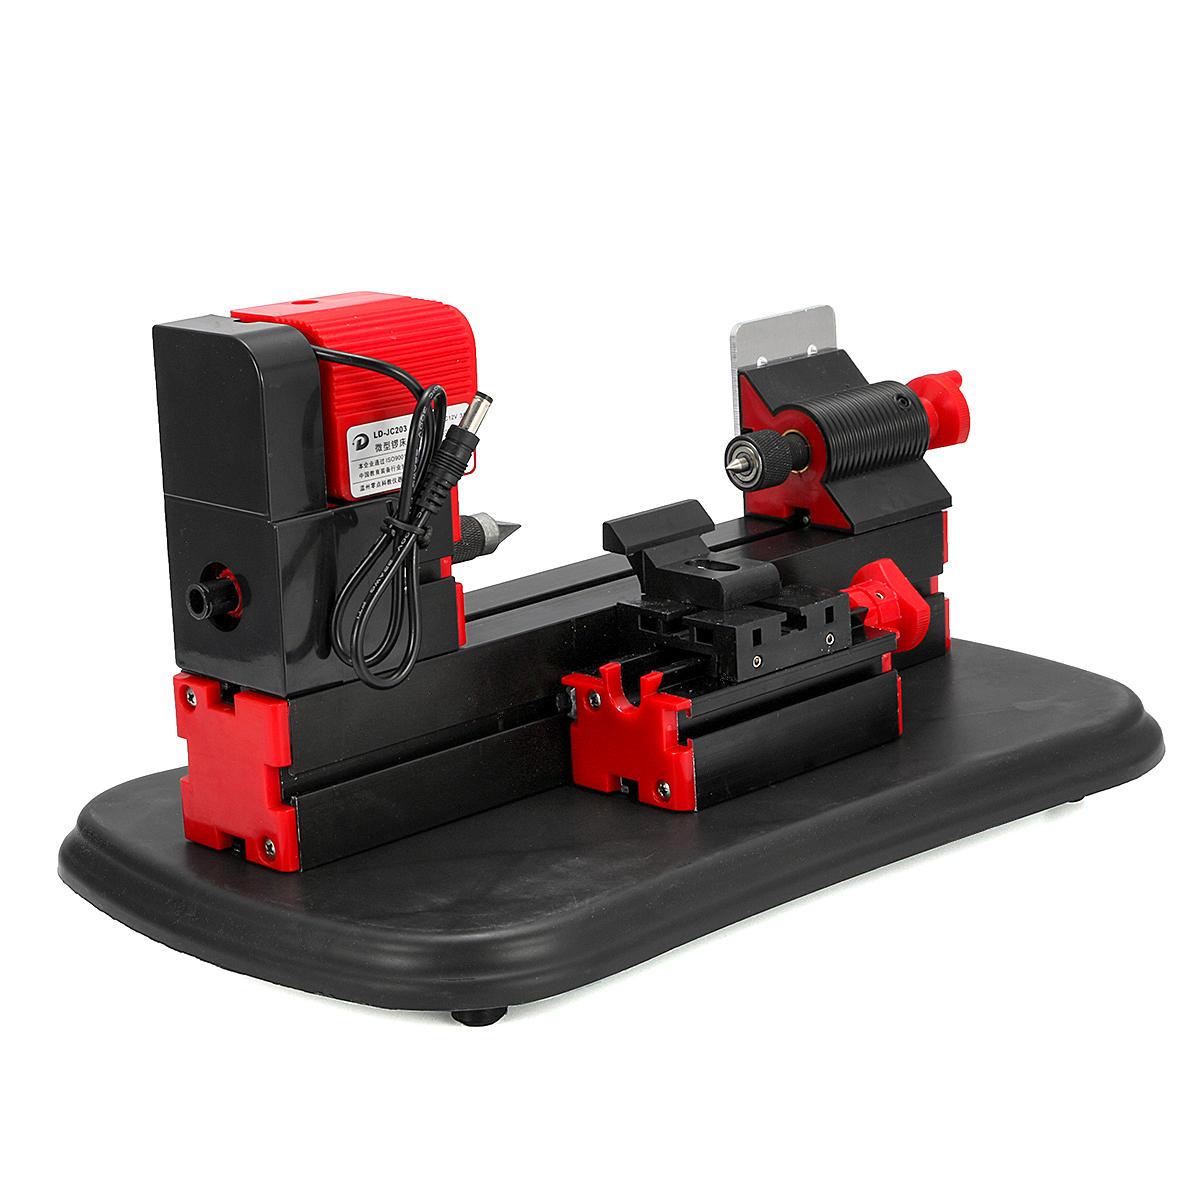 Máy tiện làm việc bằng kim loại cơ động 36C 36W Mini Công cụ chế biến gỗ dành cho người mẫu